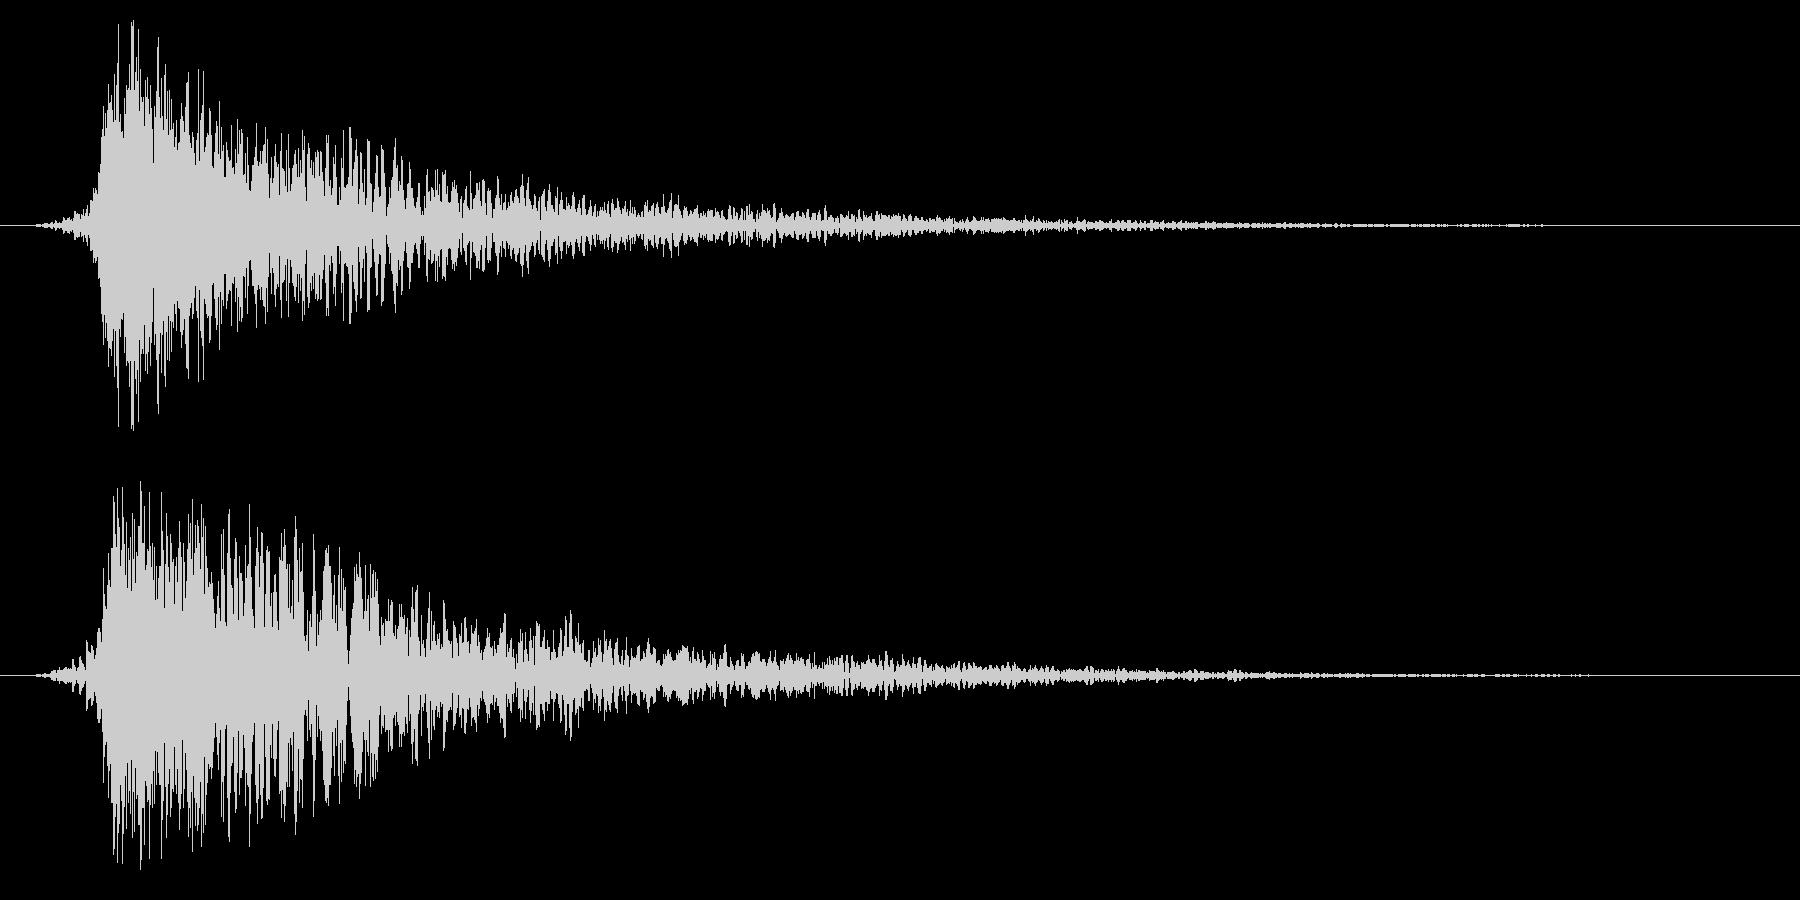 シネマティック ヒット インパクト11cの未再生の波形